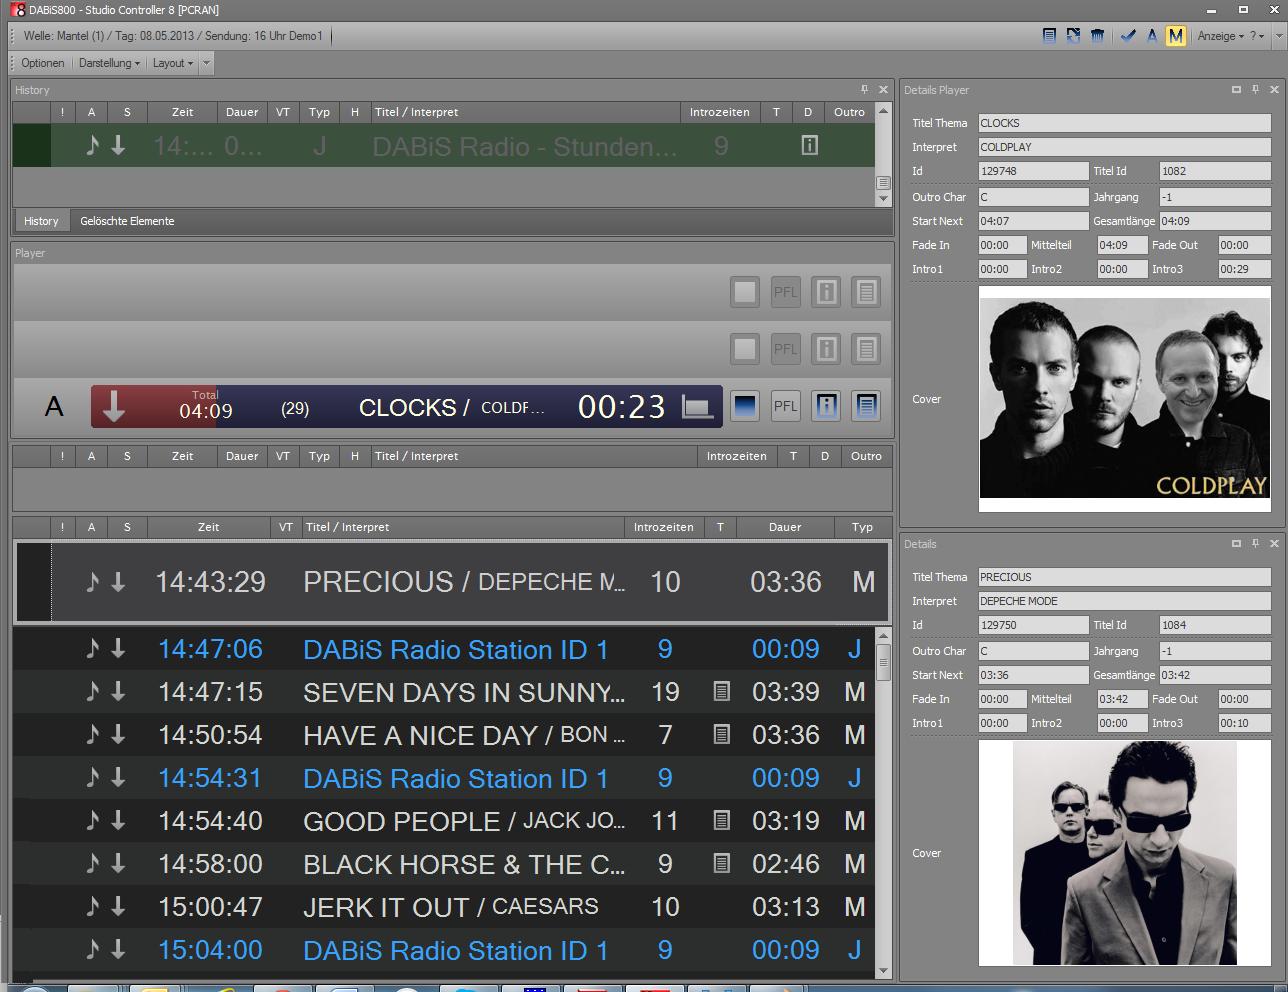 Die beiden Ansichten des Studio Controller 8 können auf einem Bildschirm verkoppelt oder auf 2 Bildschirmen angeordnet werden.